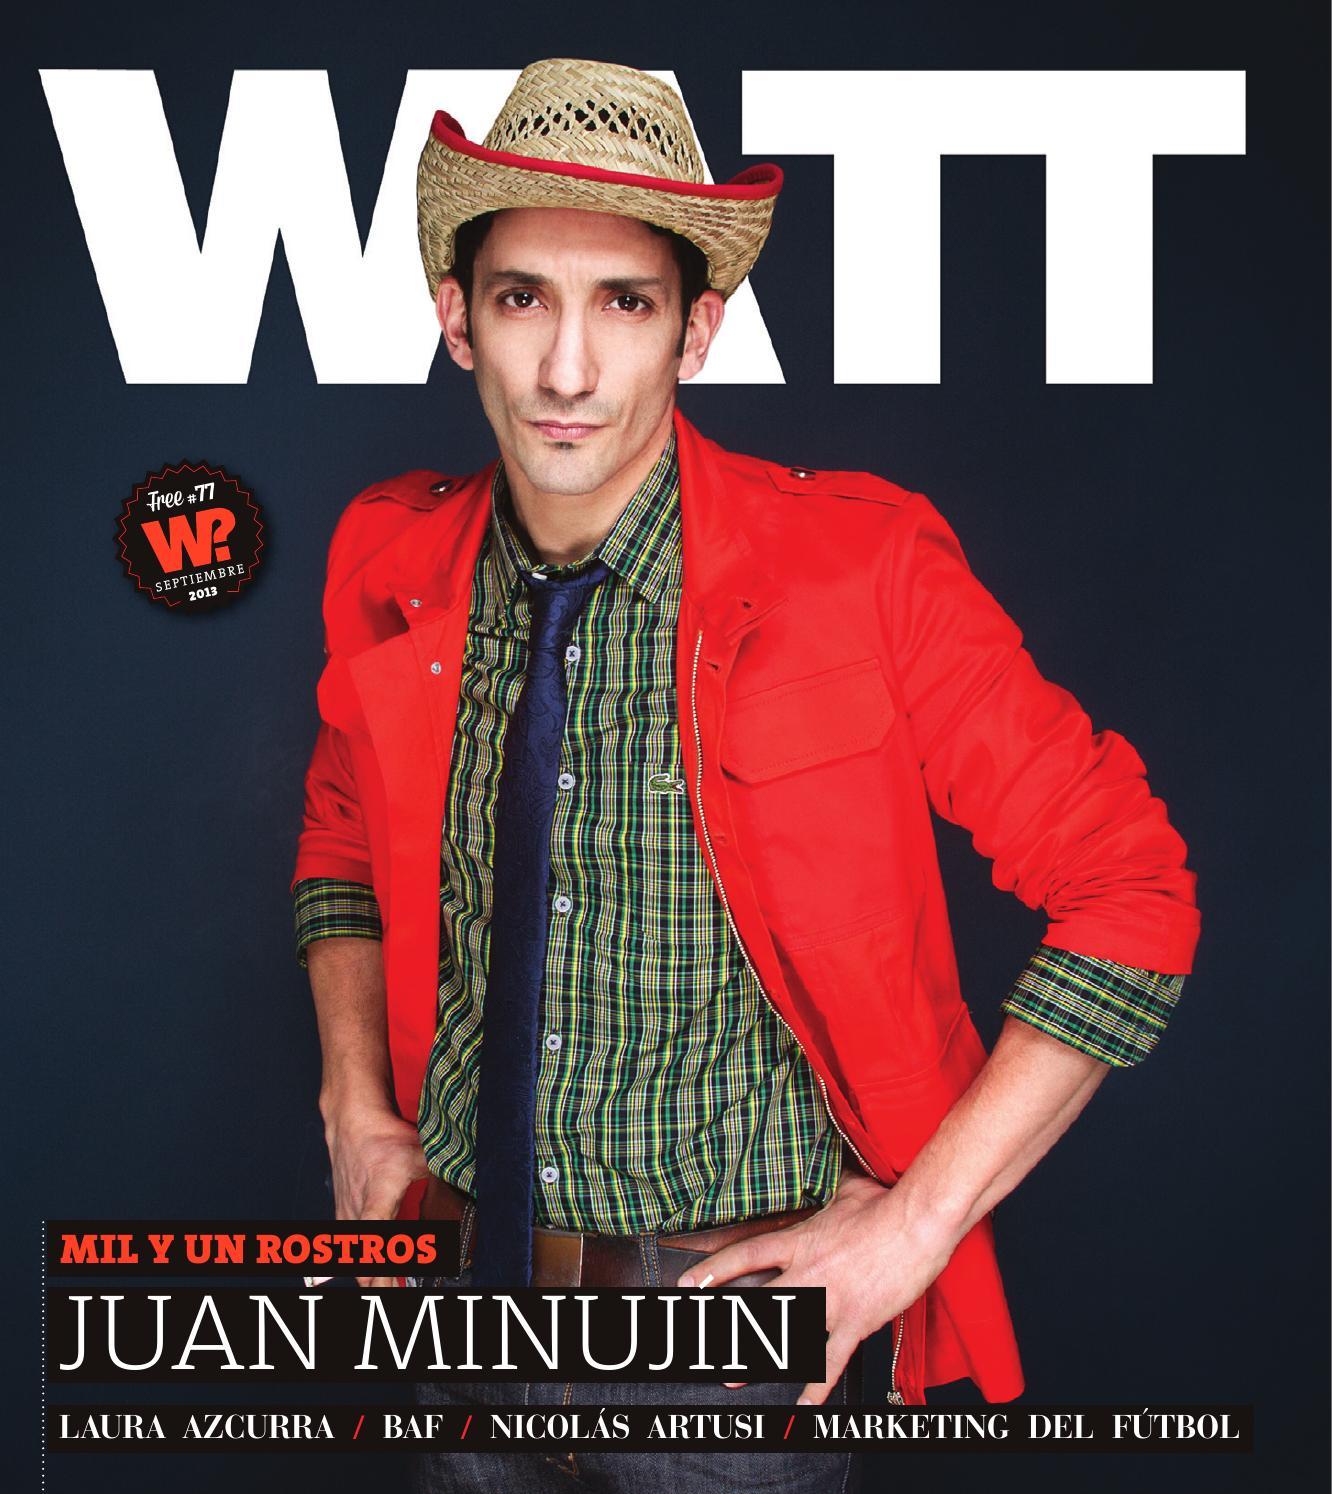 Revista WATT #77 - Juan Minujín by Revista WATT - issuu